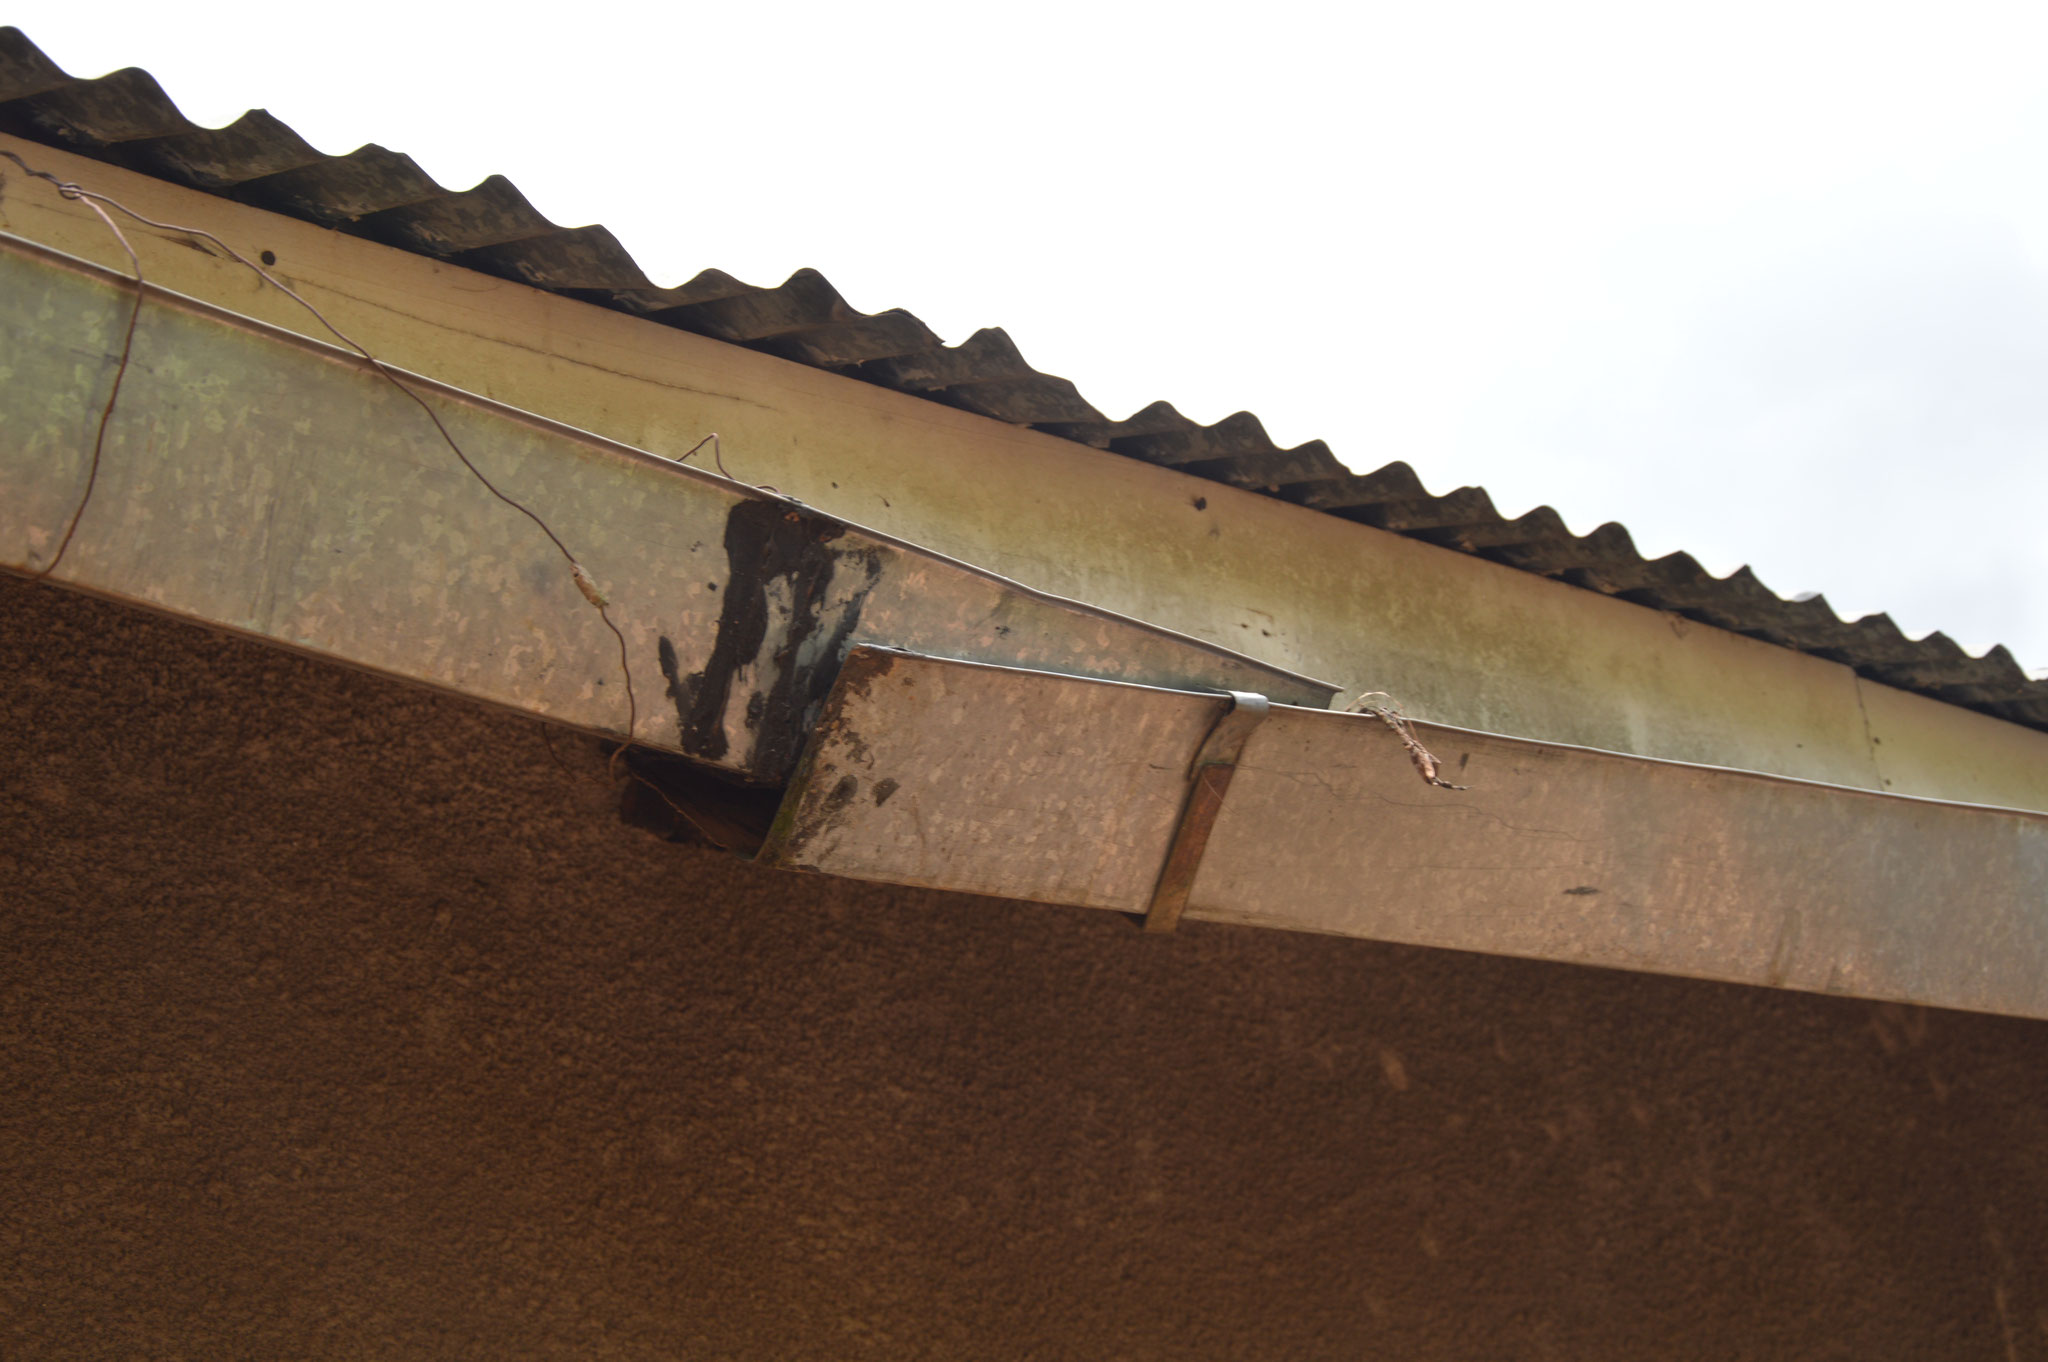 Über diese Dachrinnen kann nicht mehr optimal das Wasser aufgefangen werden.